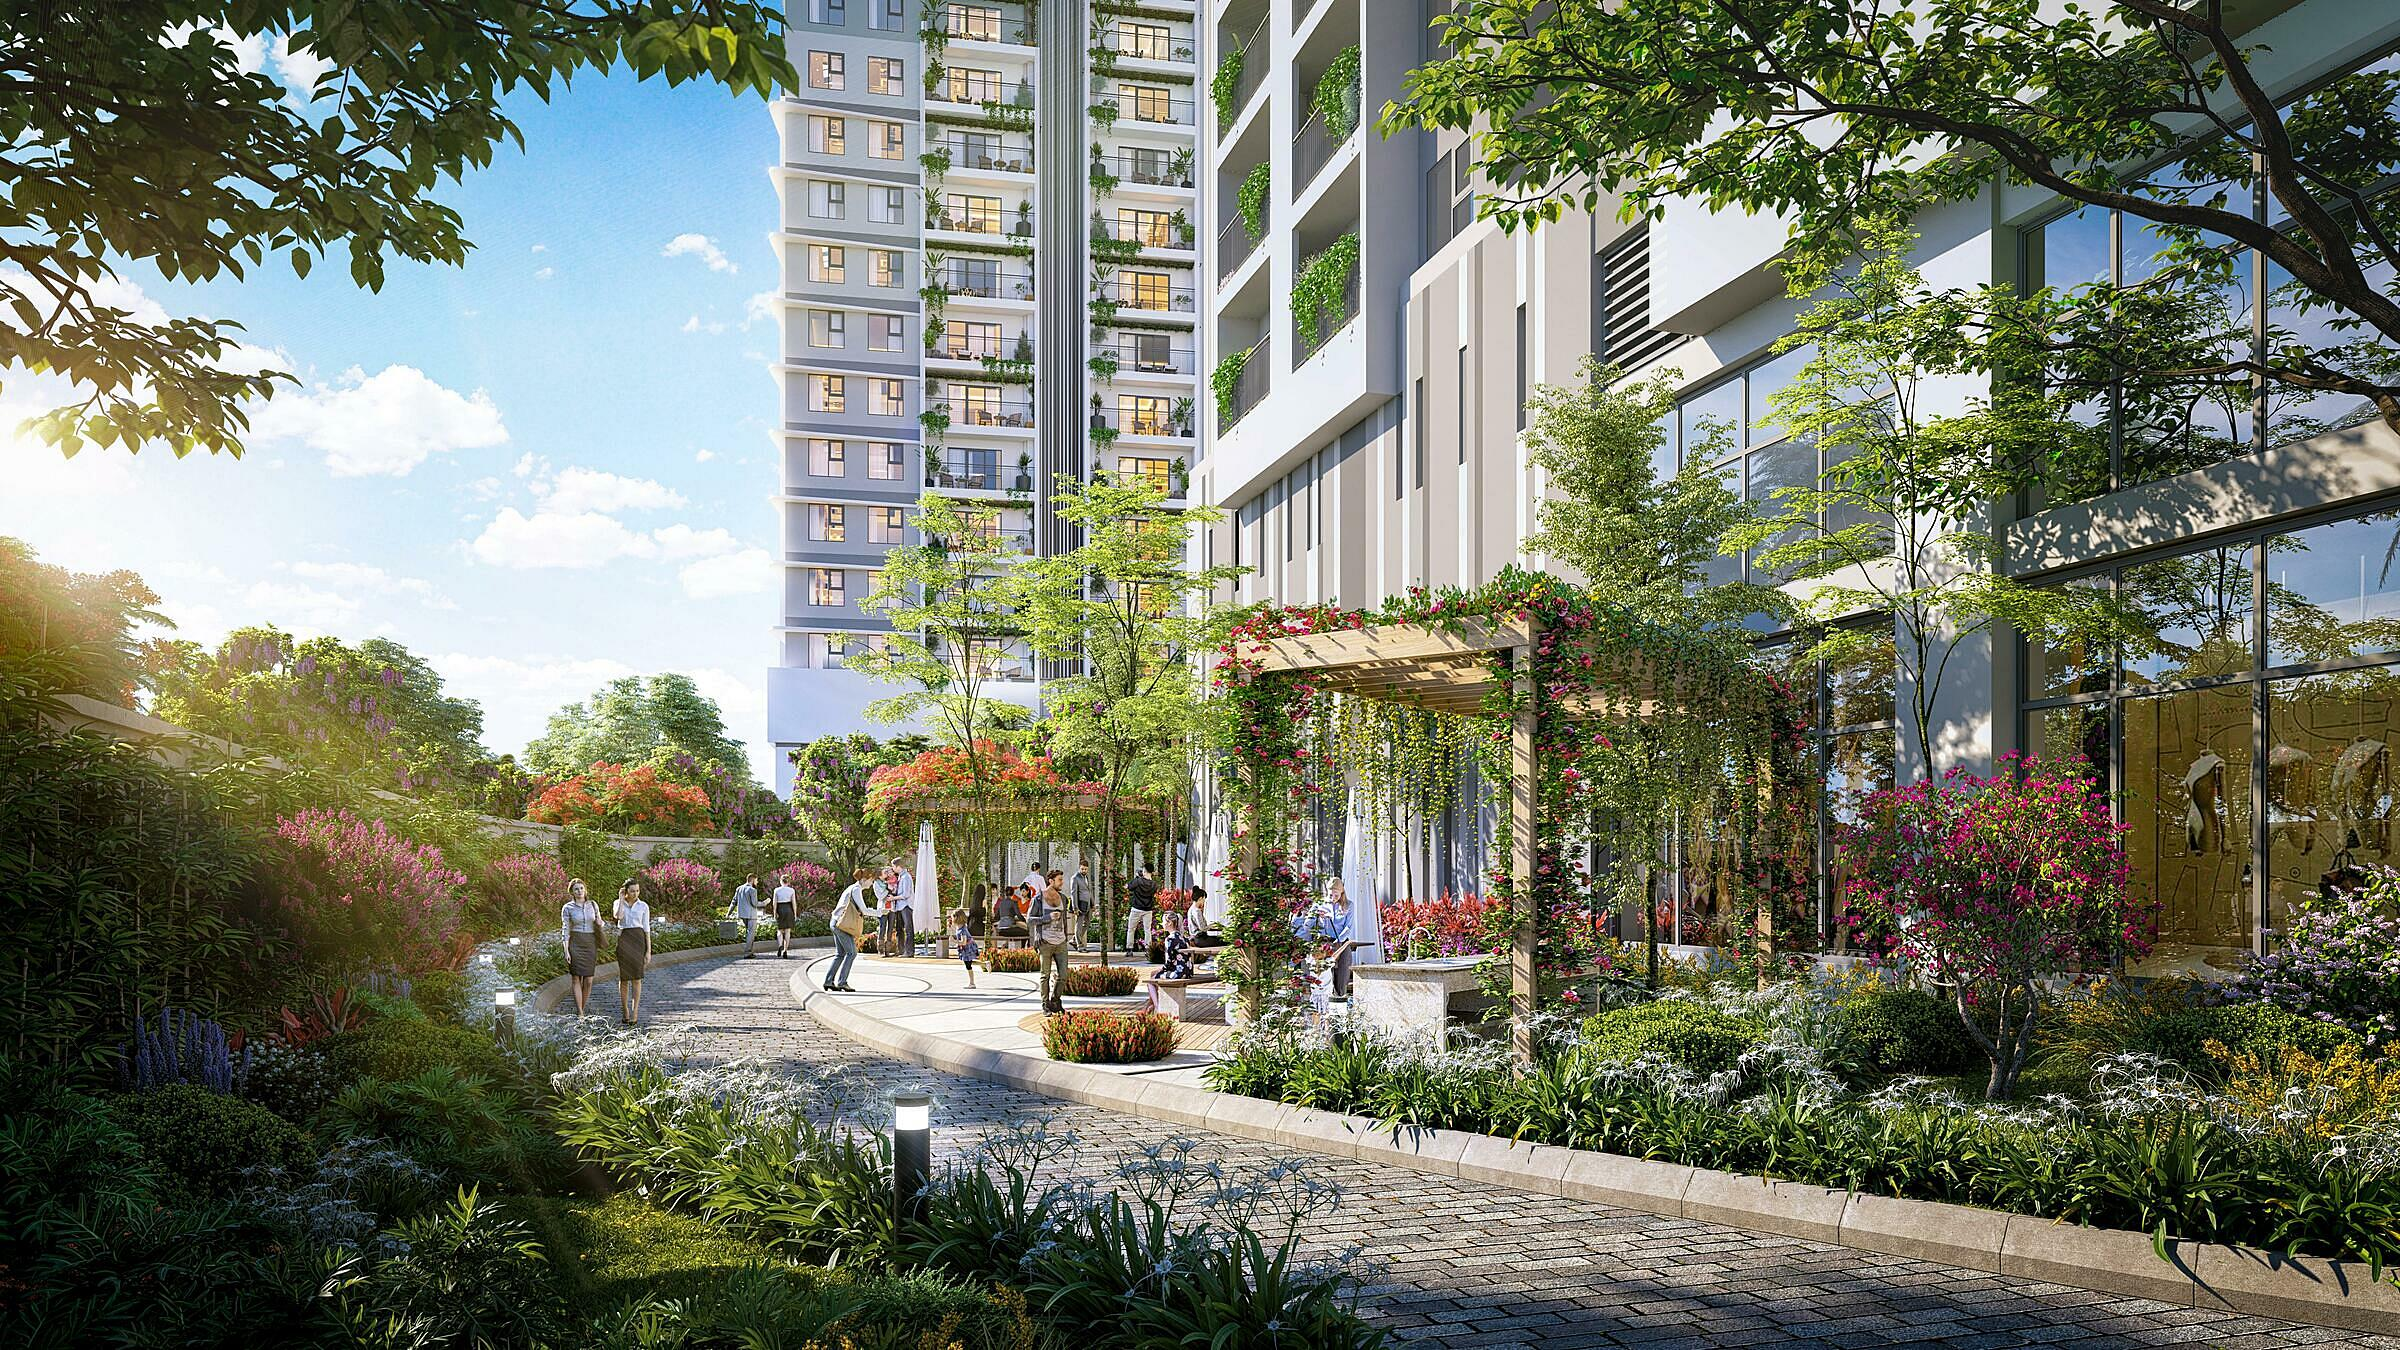 Phối cảnh đường đi bộ của dự án BerRiver Jardin, địa chỉ 390 Nguyễn Văn Cừ, Long Biên, Hà Nội. Ảnh: BRGLand.